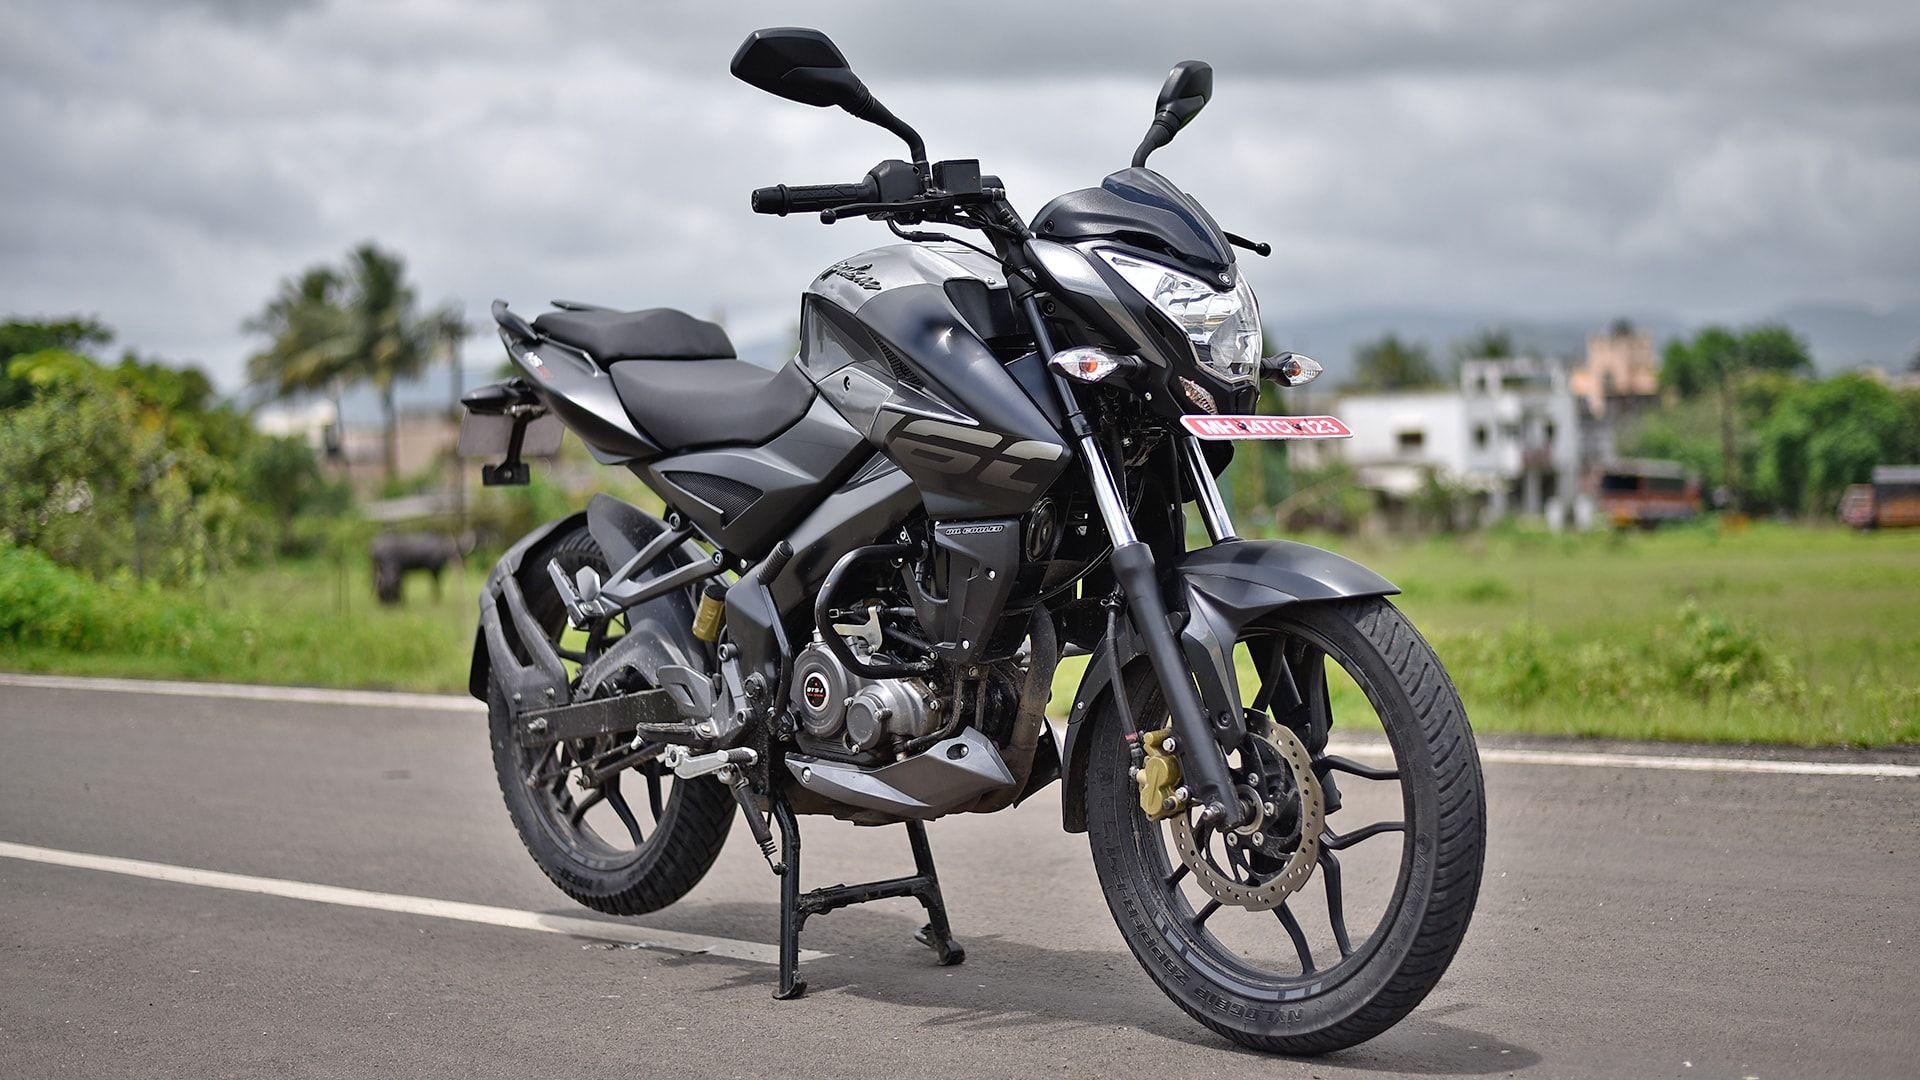 A partir del 1 de enero de 2021, las motos nuevas llevarán matrícula delantera